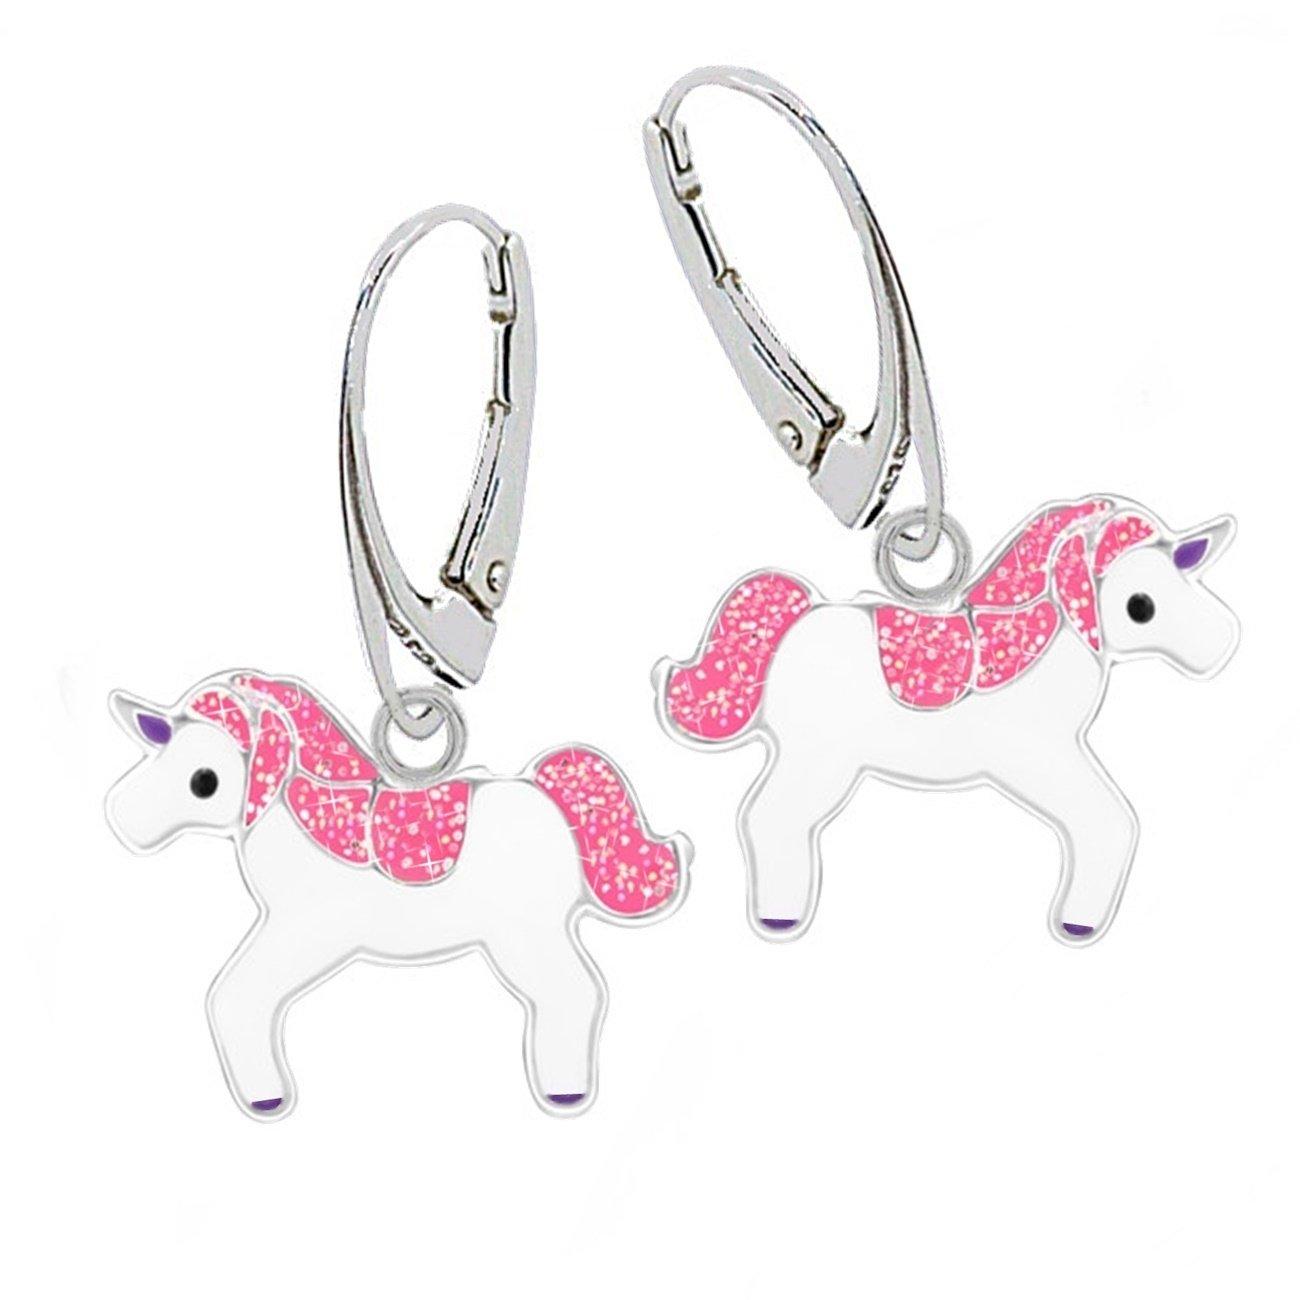 gh1a Rose Paillettes Licorne Brisur Boucles d'oreille en argent 925de Fille Motif cheval 0006 GH-1a ch-0006